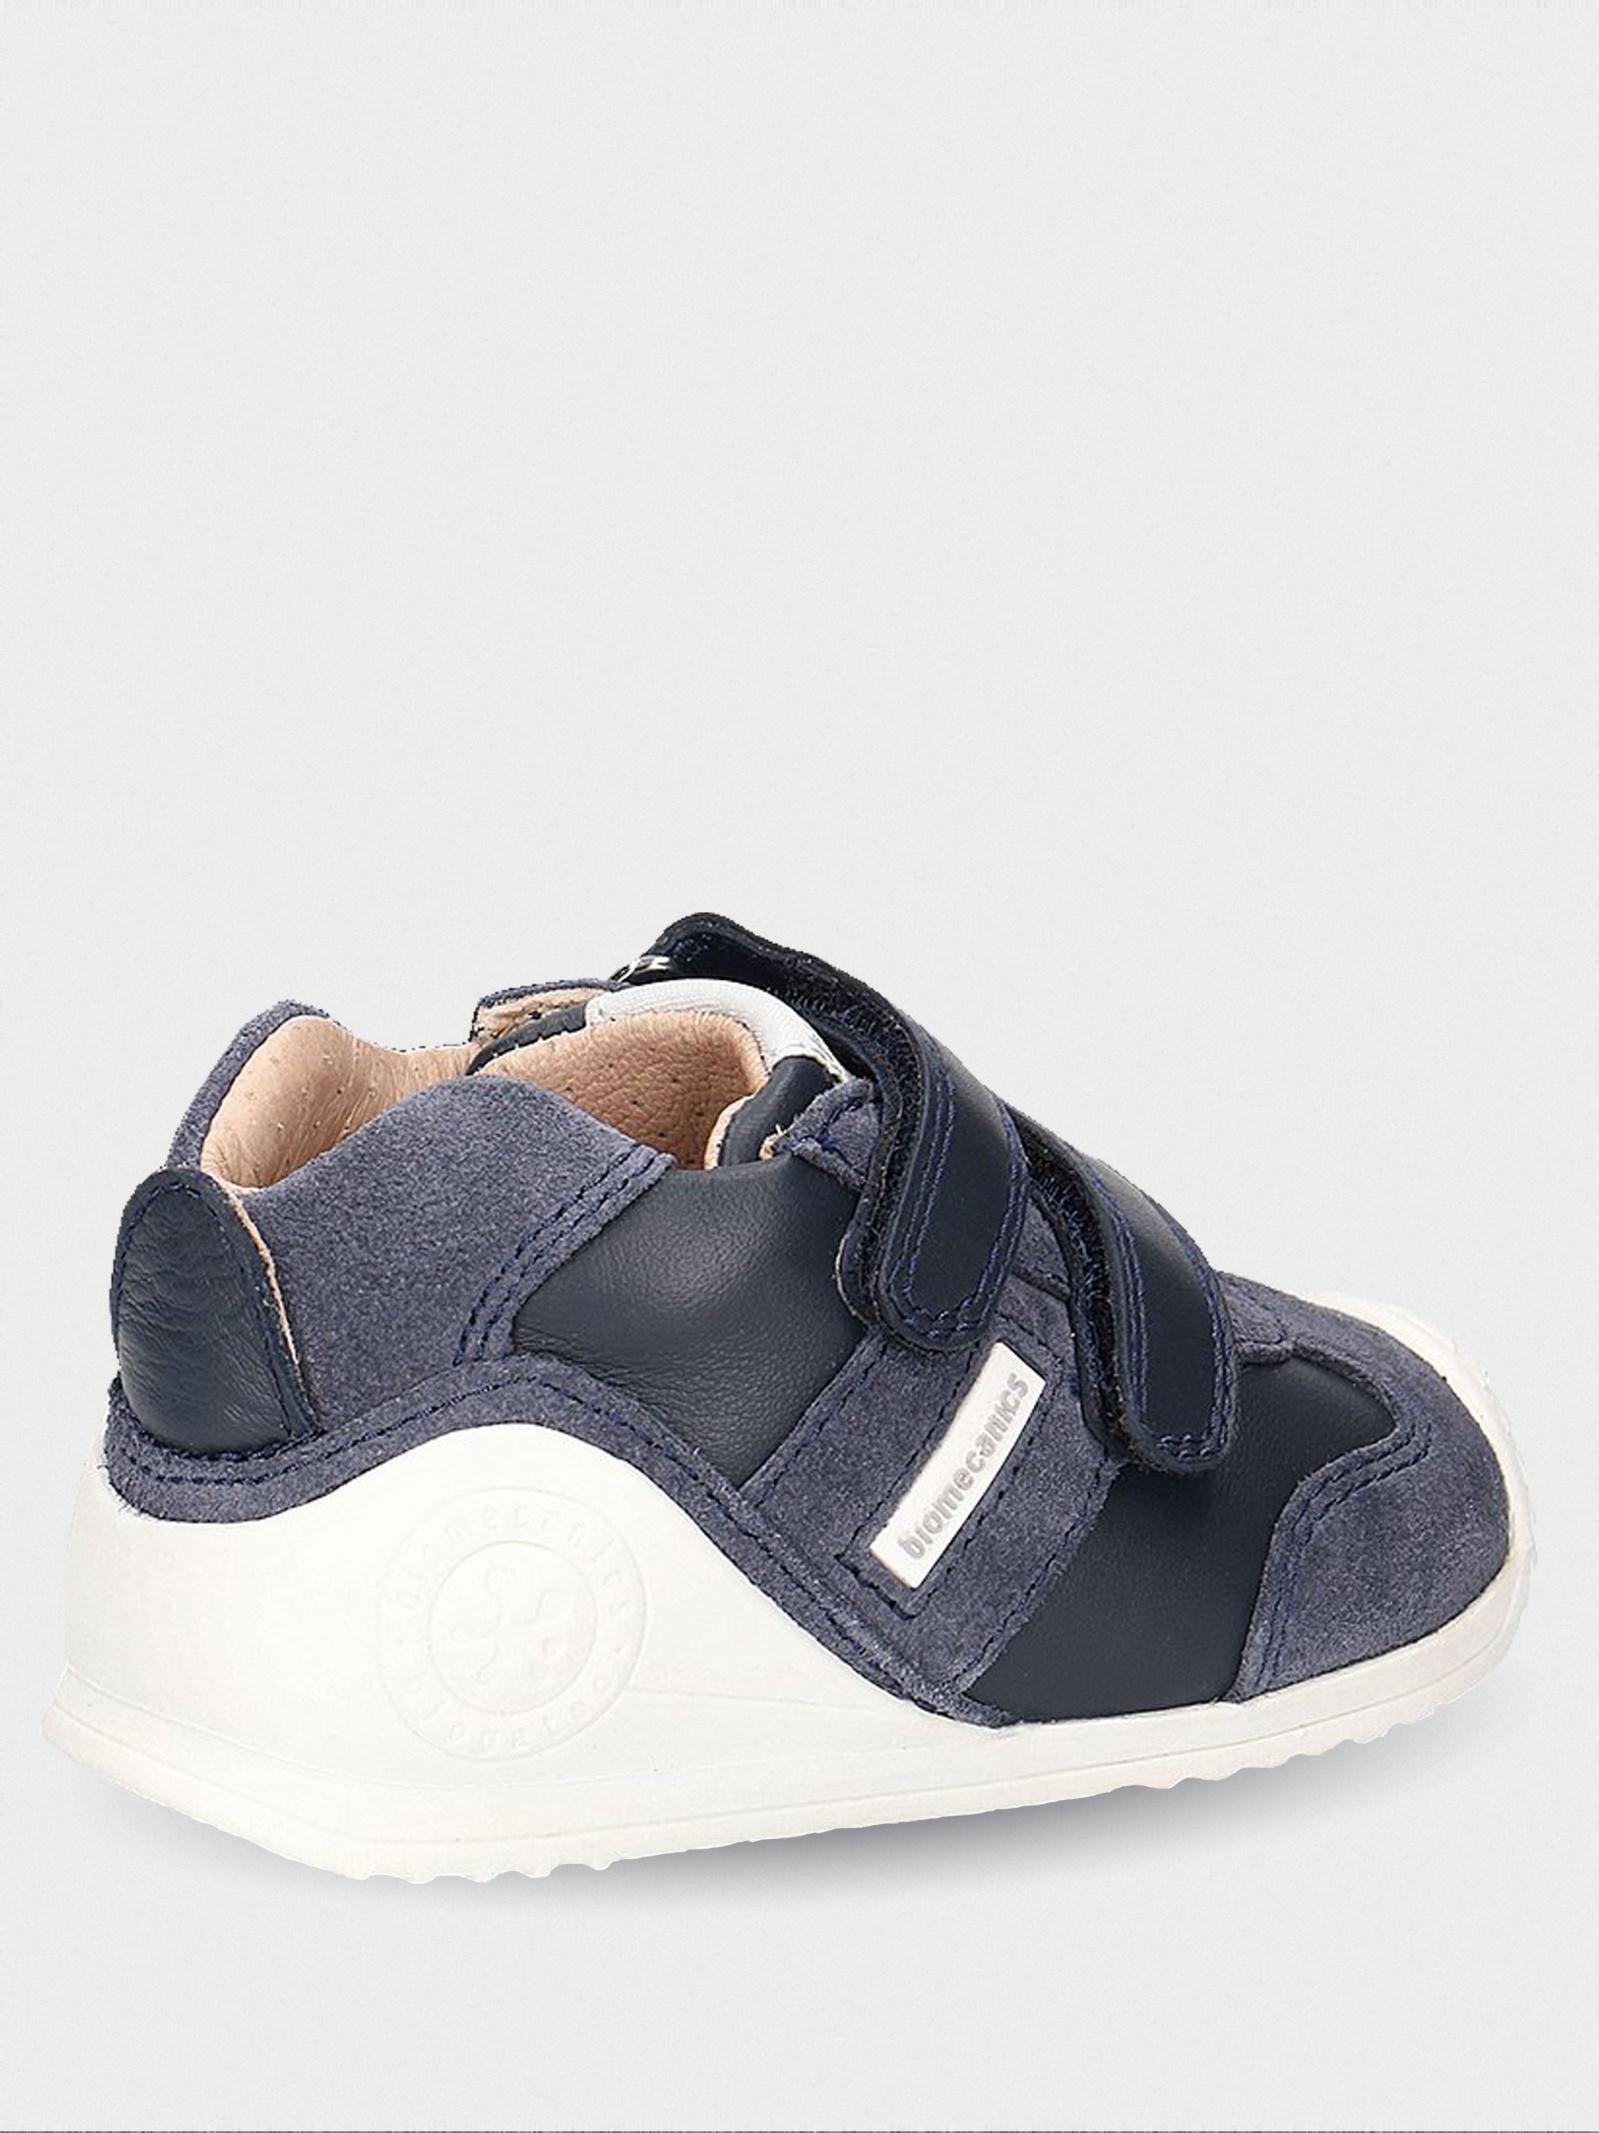 Ботинки для детей Biomecanics YX105 стоимость, 2017